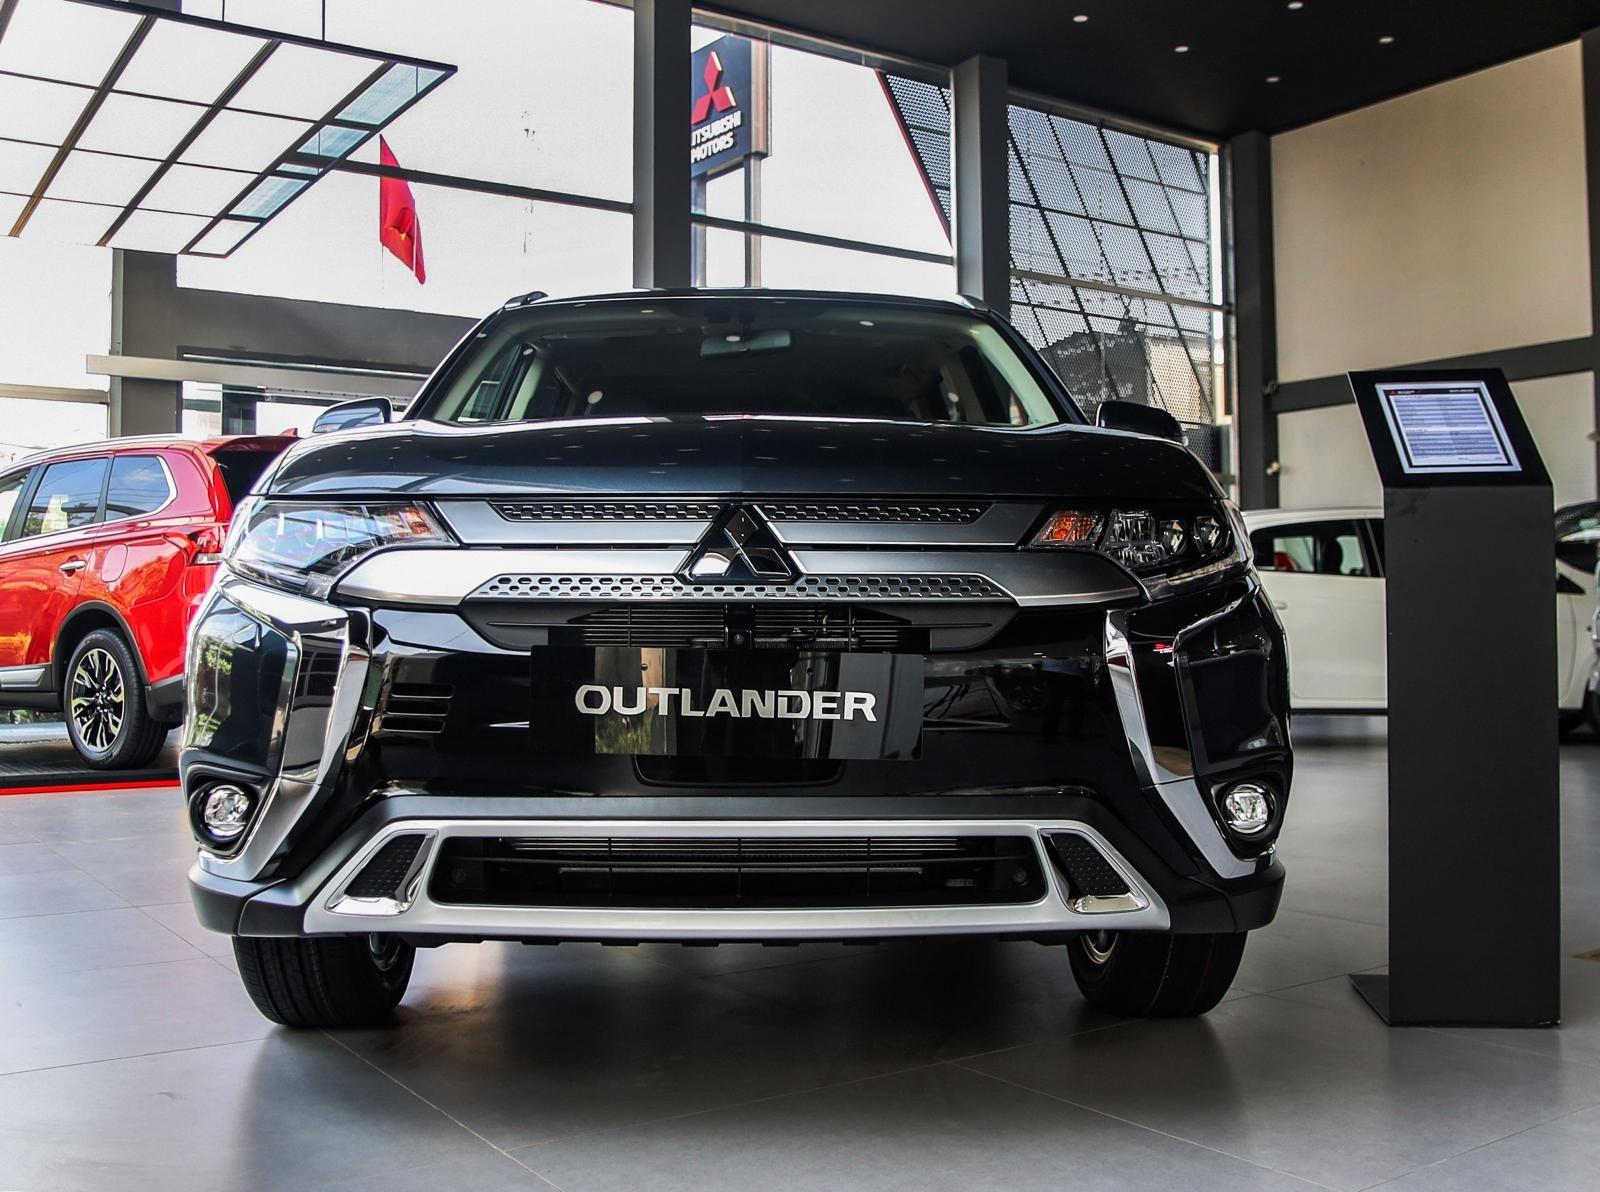 Mitsubishi Outlander 2.4 CVT Premium ra mắt phiên bản nâng cấp